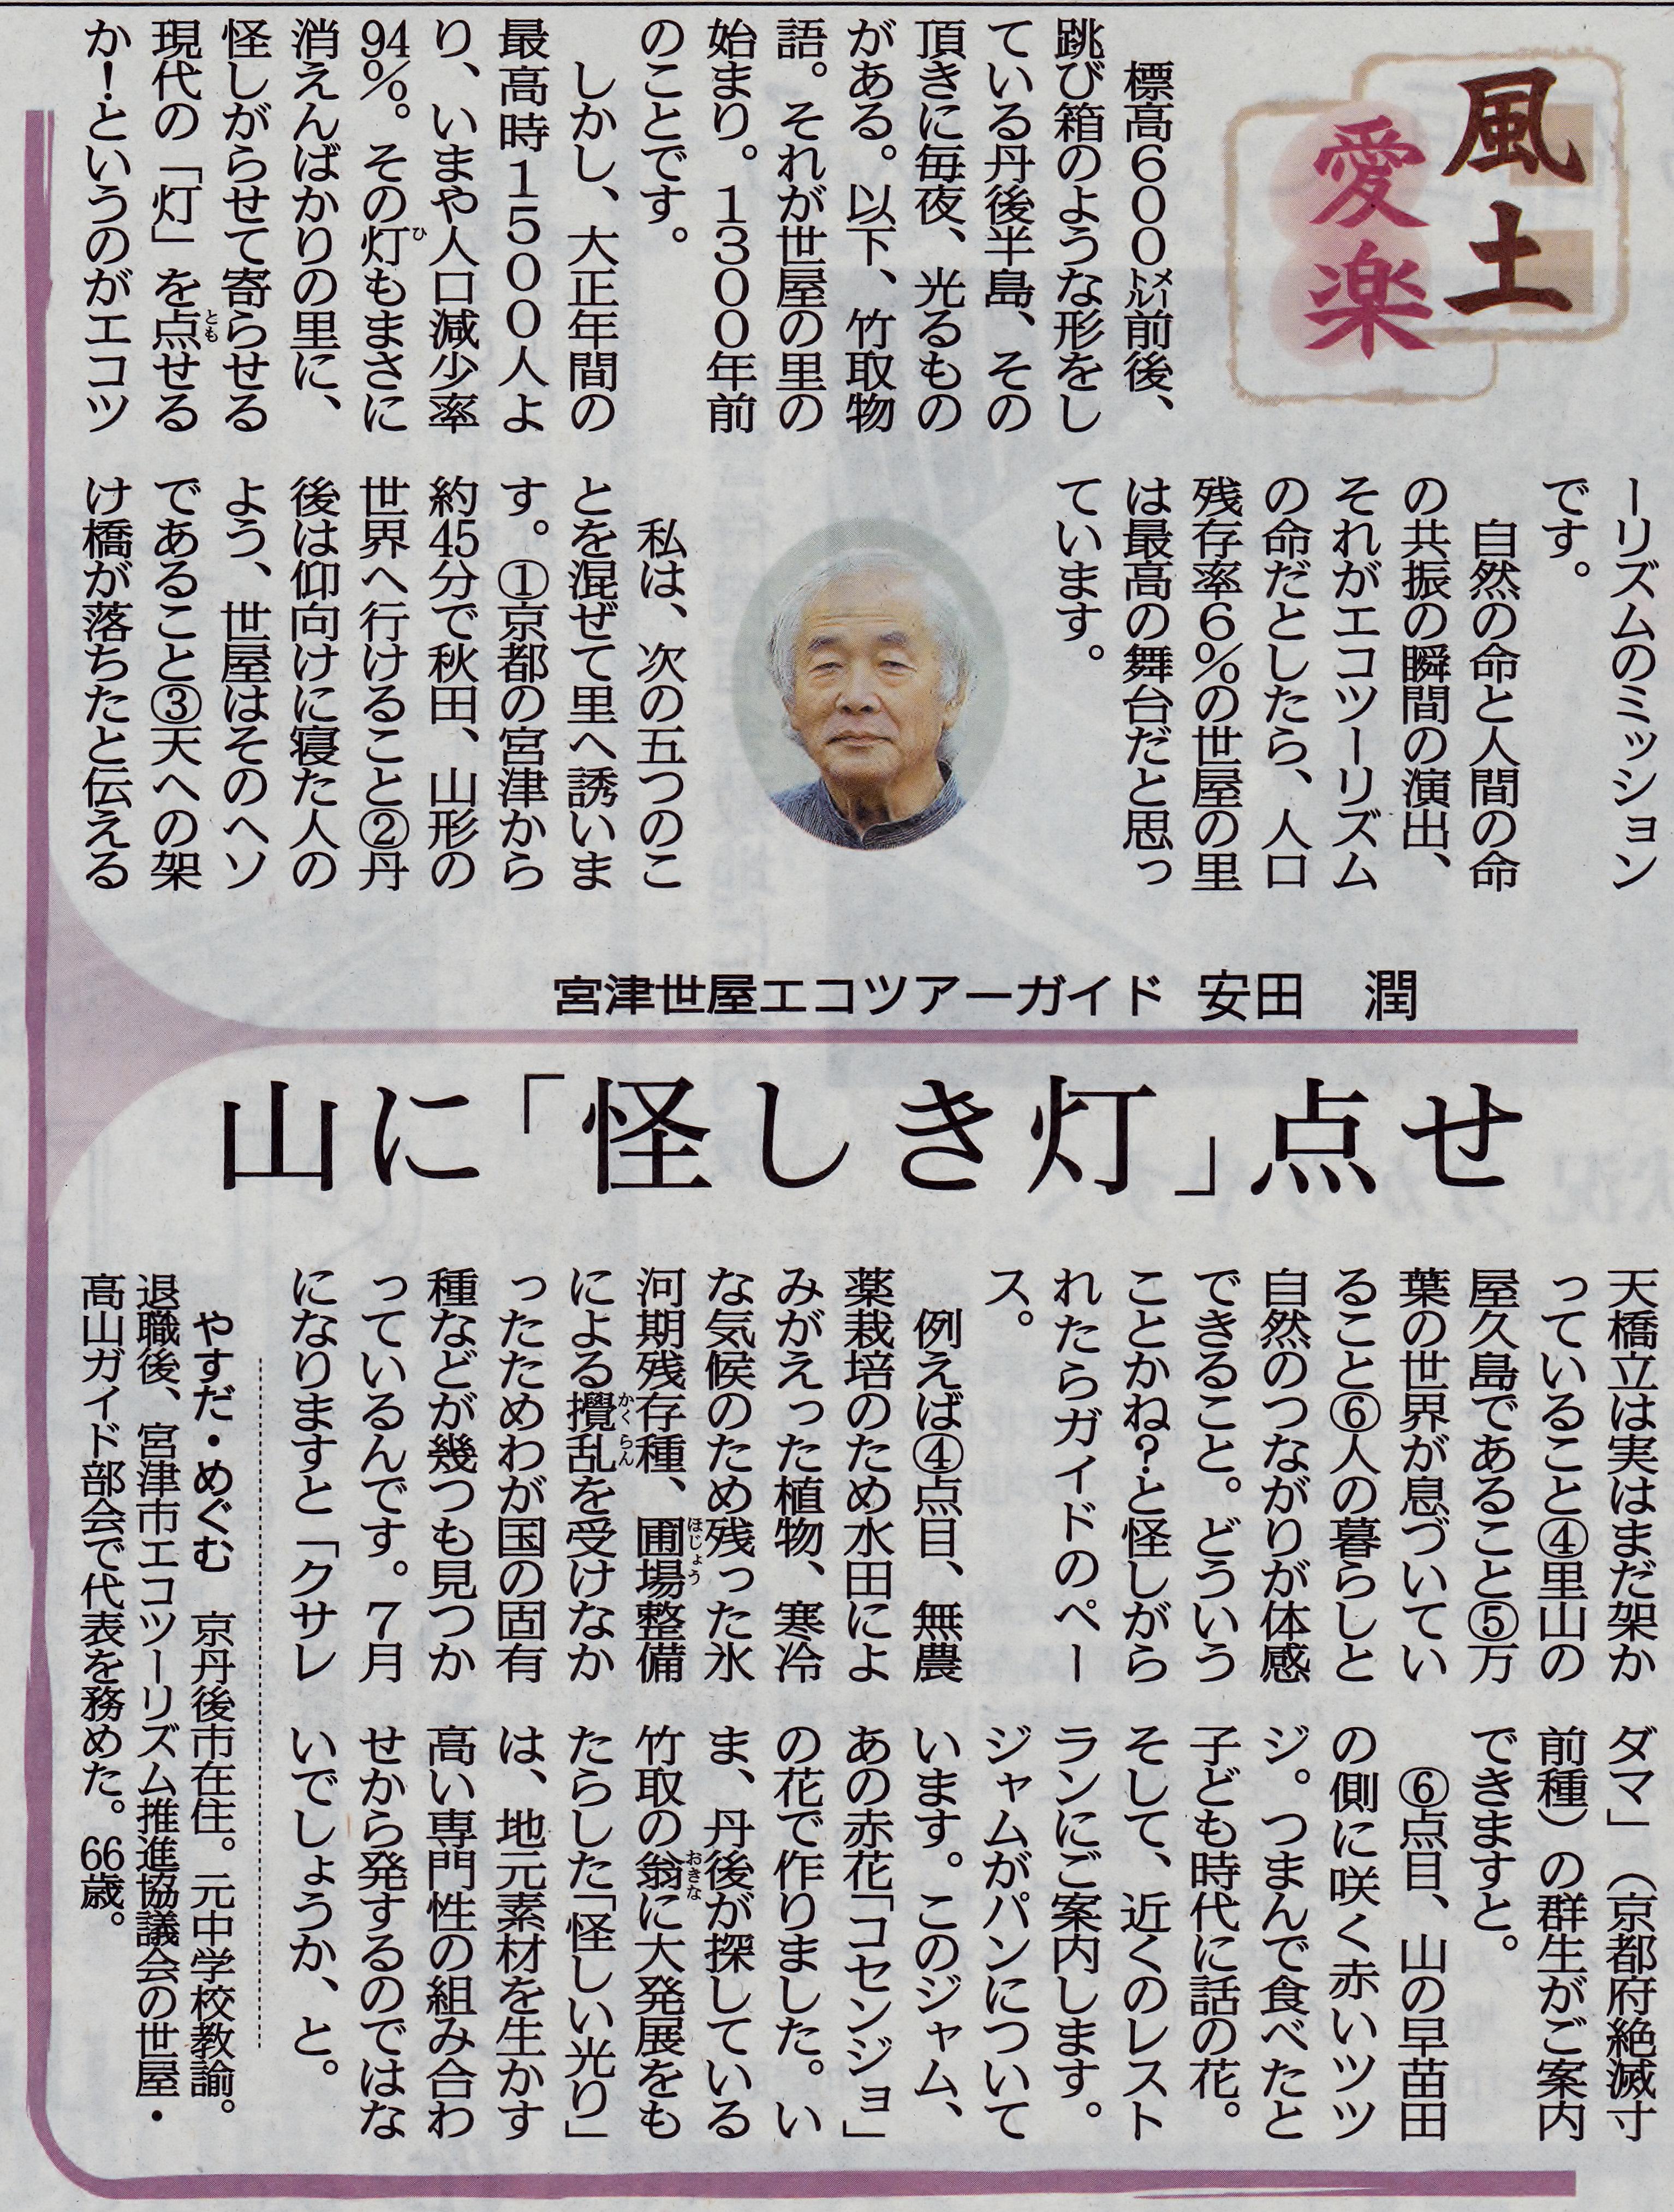 京都新聞記事・エコツアーガイドの想い